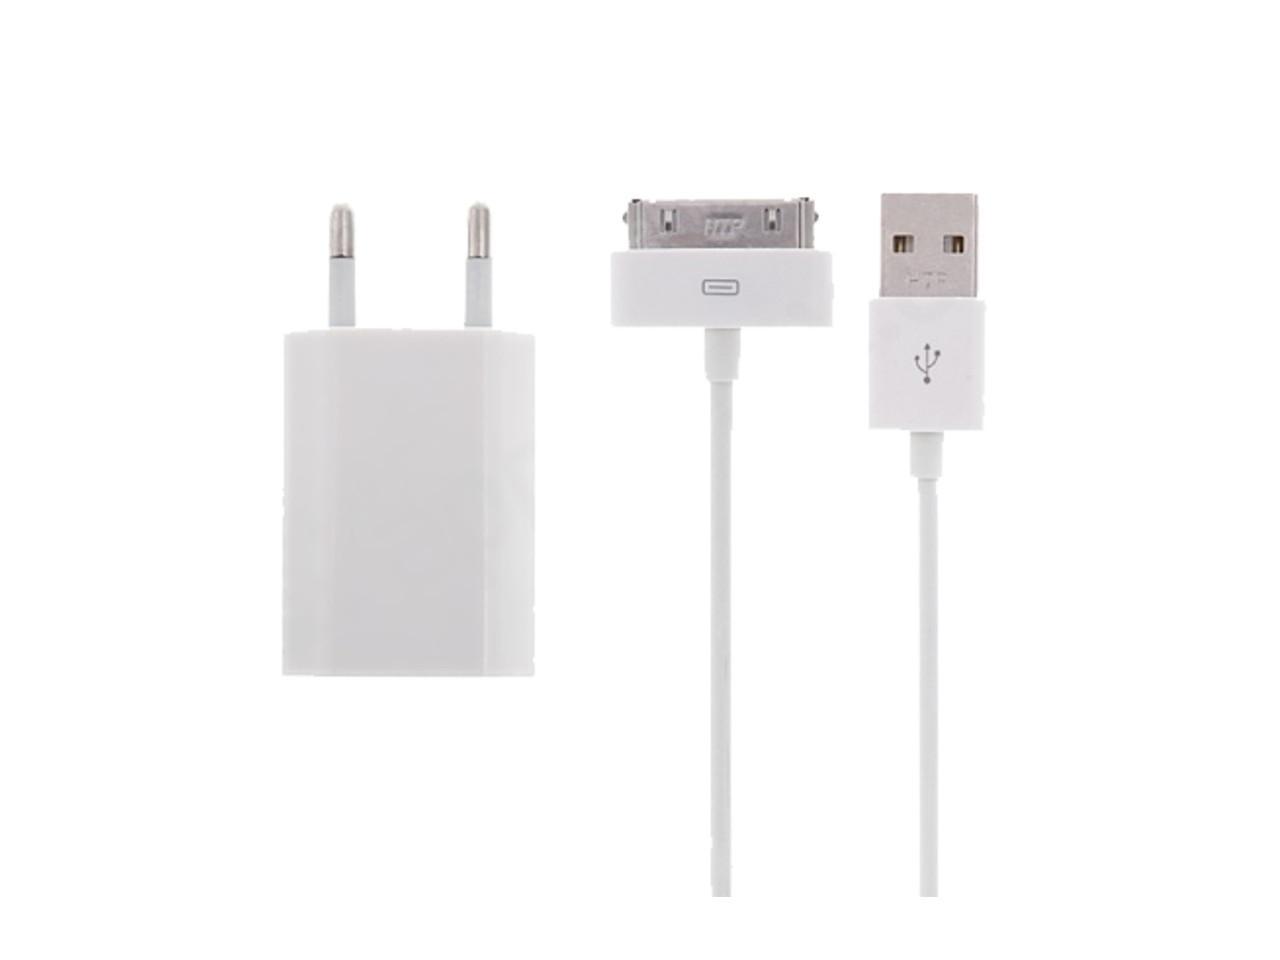 Nabíjecí sada pro Apple iPhone, iPad, iPod adapter + kabel 30pin, 1m, bilý